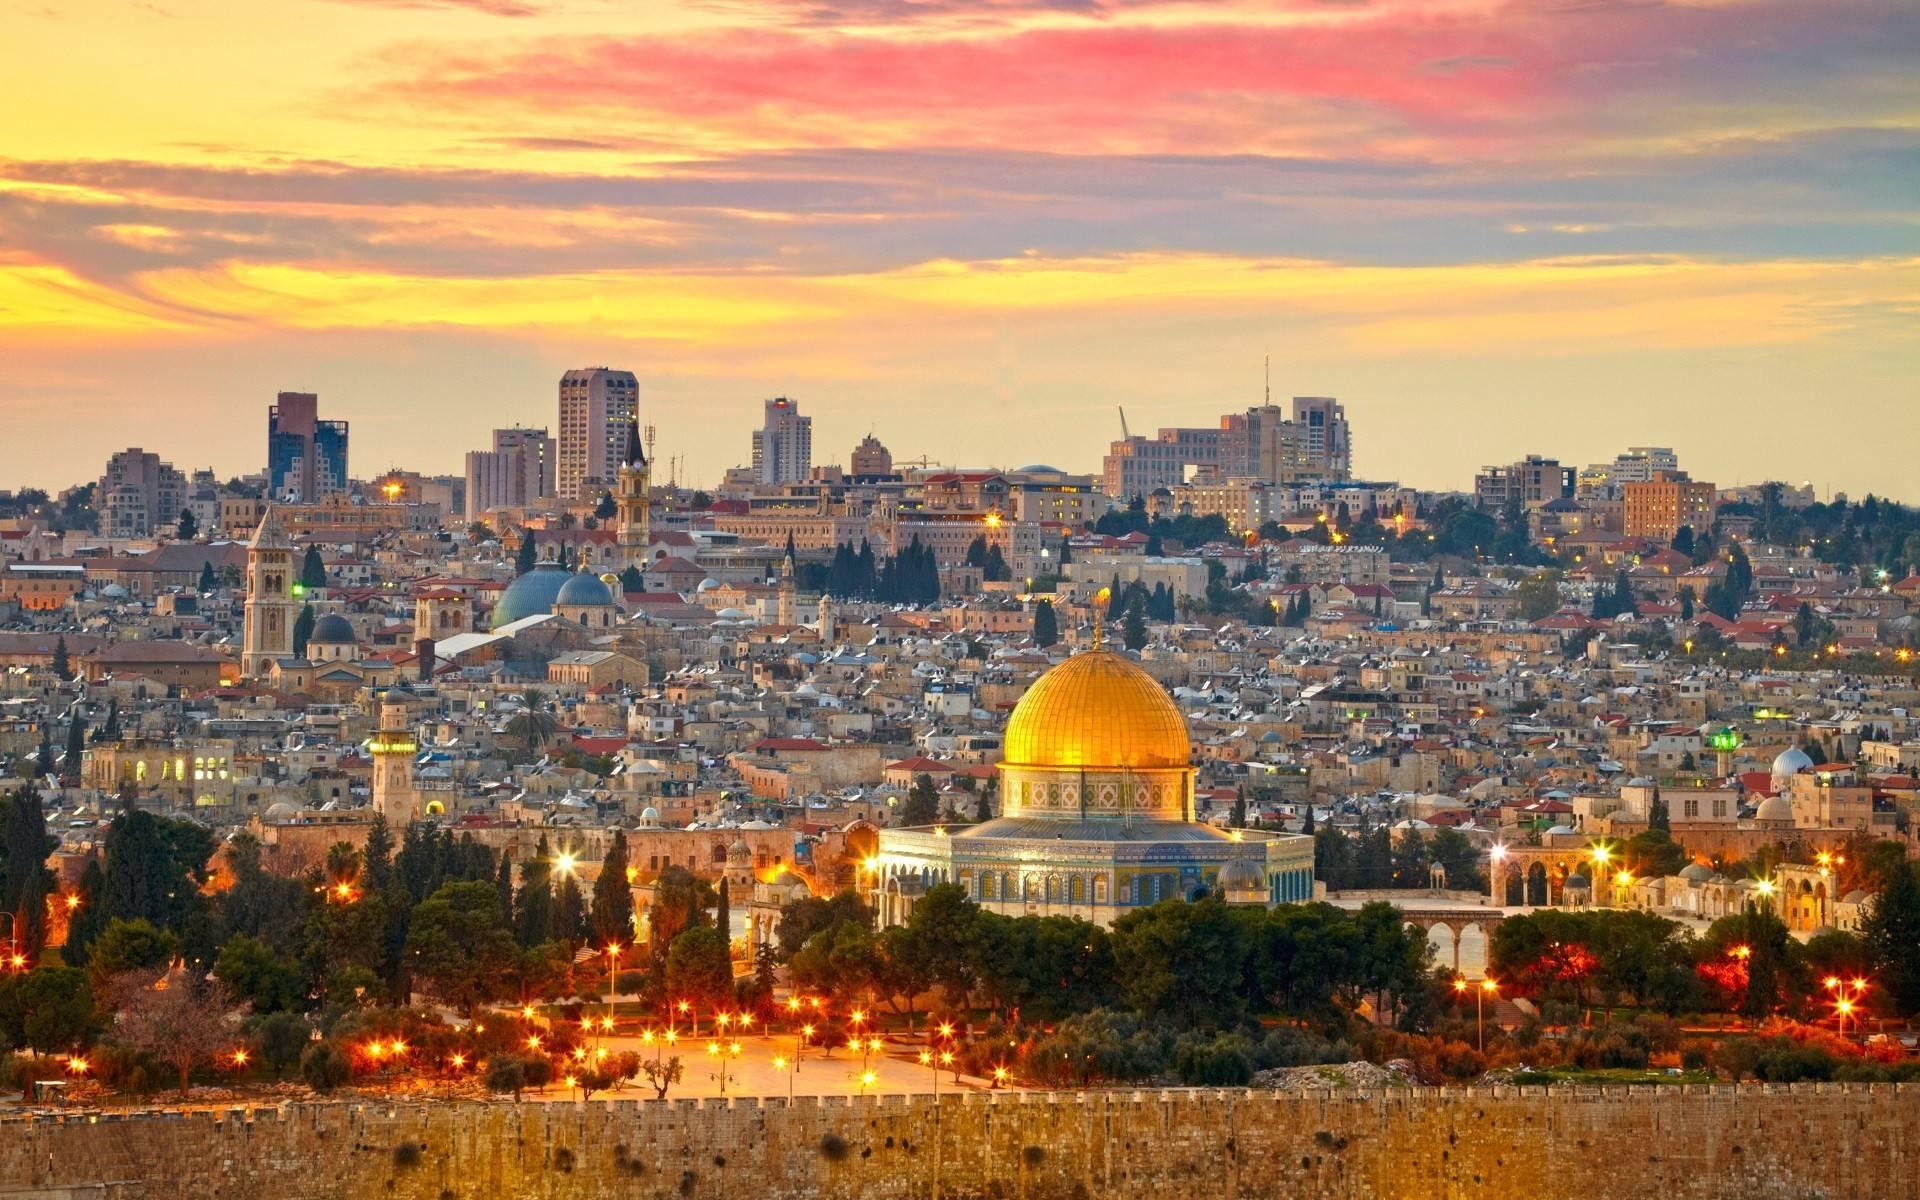 Turismul a fost reluat în Israel. S-au impus măsuri drastice pentru vizitatori